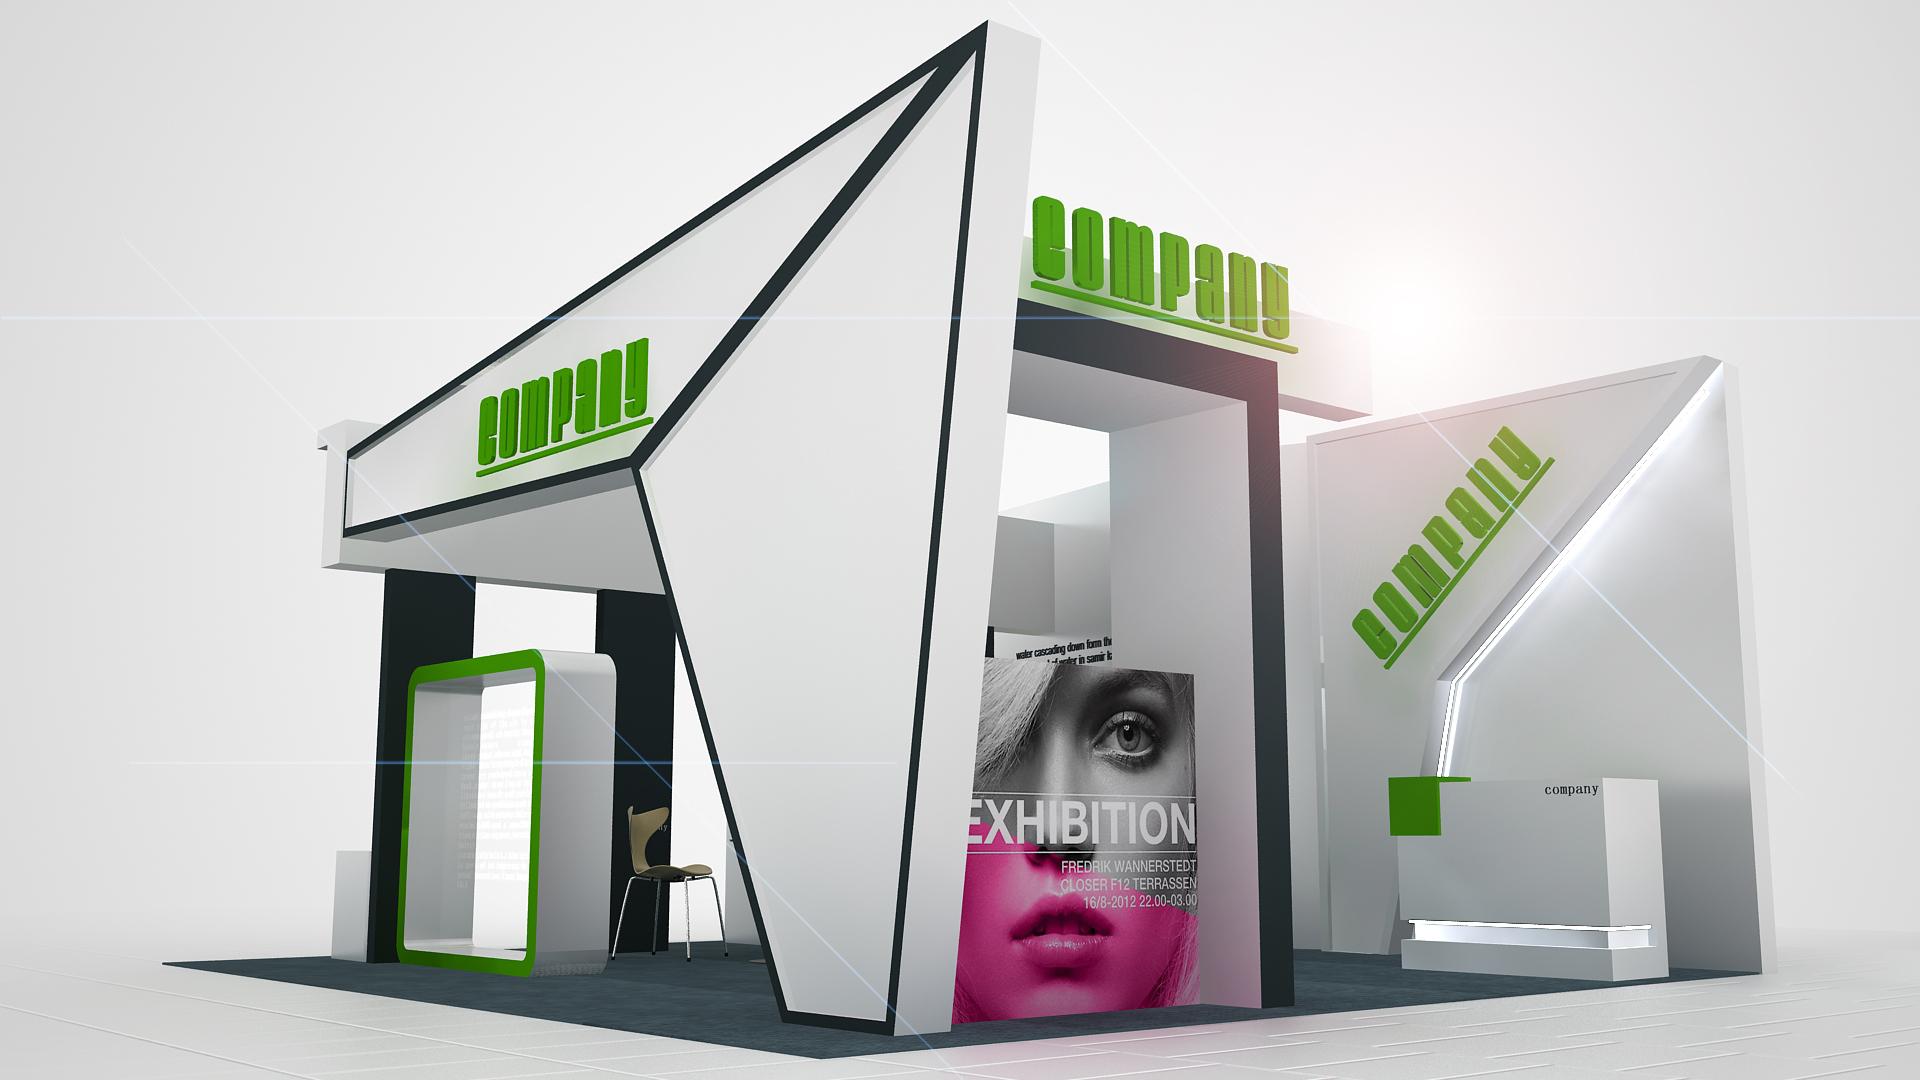 展位设计|空间|展示设计 |探索教育 - 原创作品